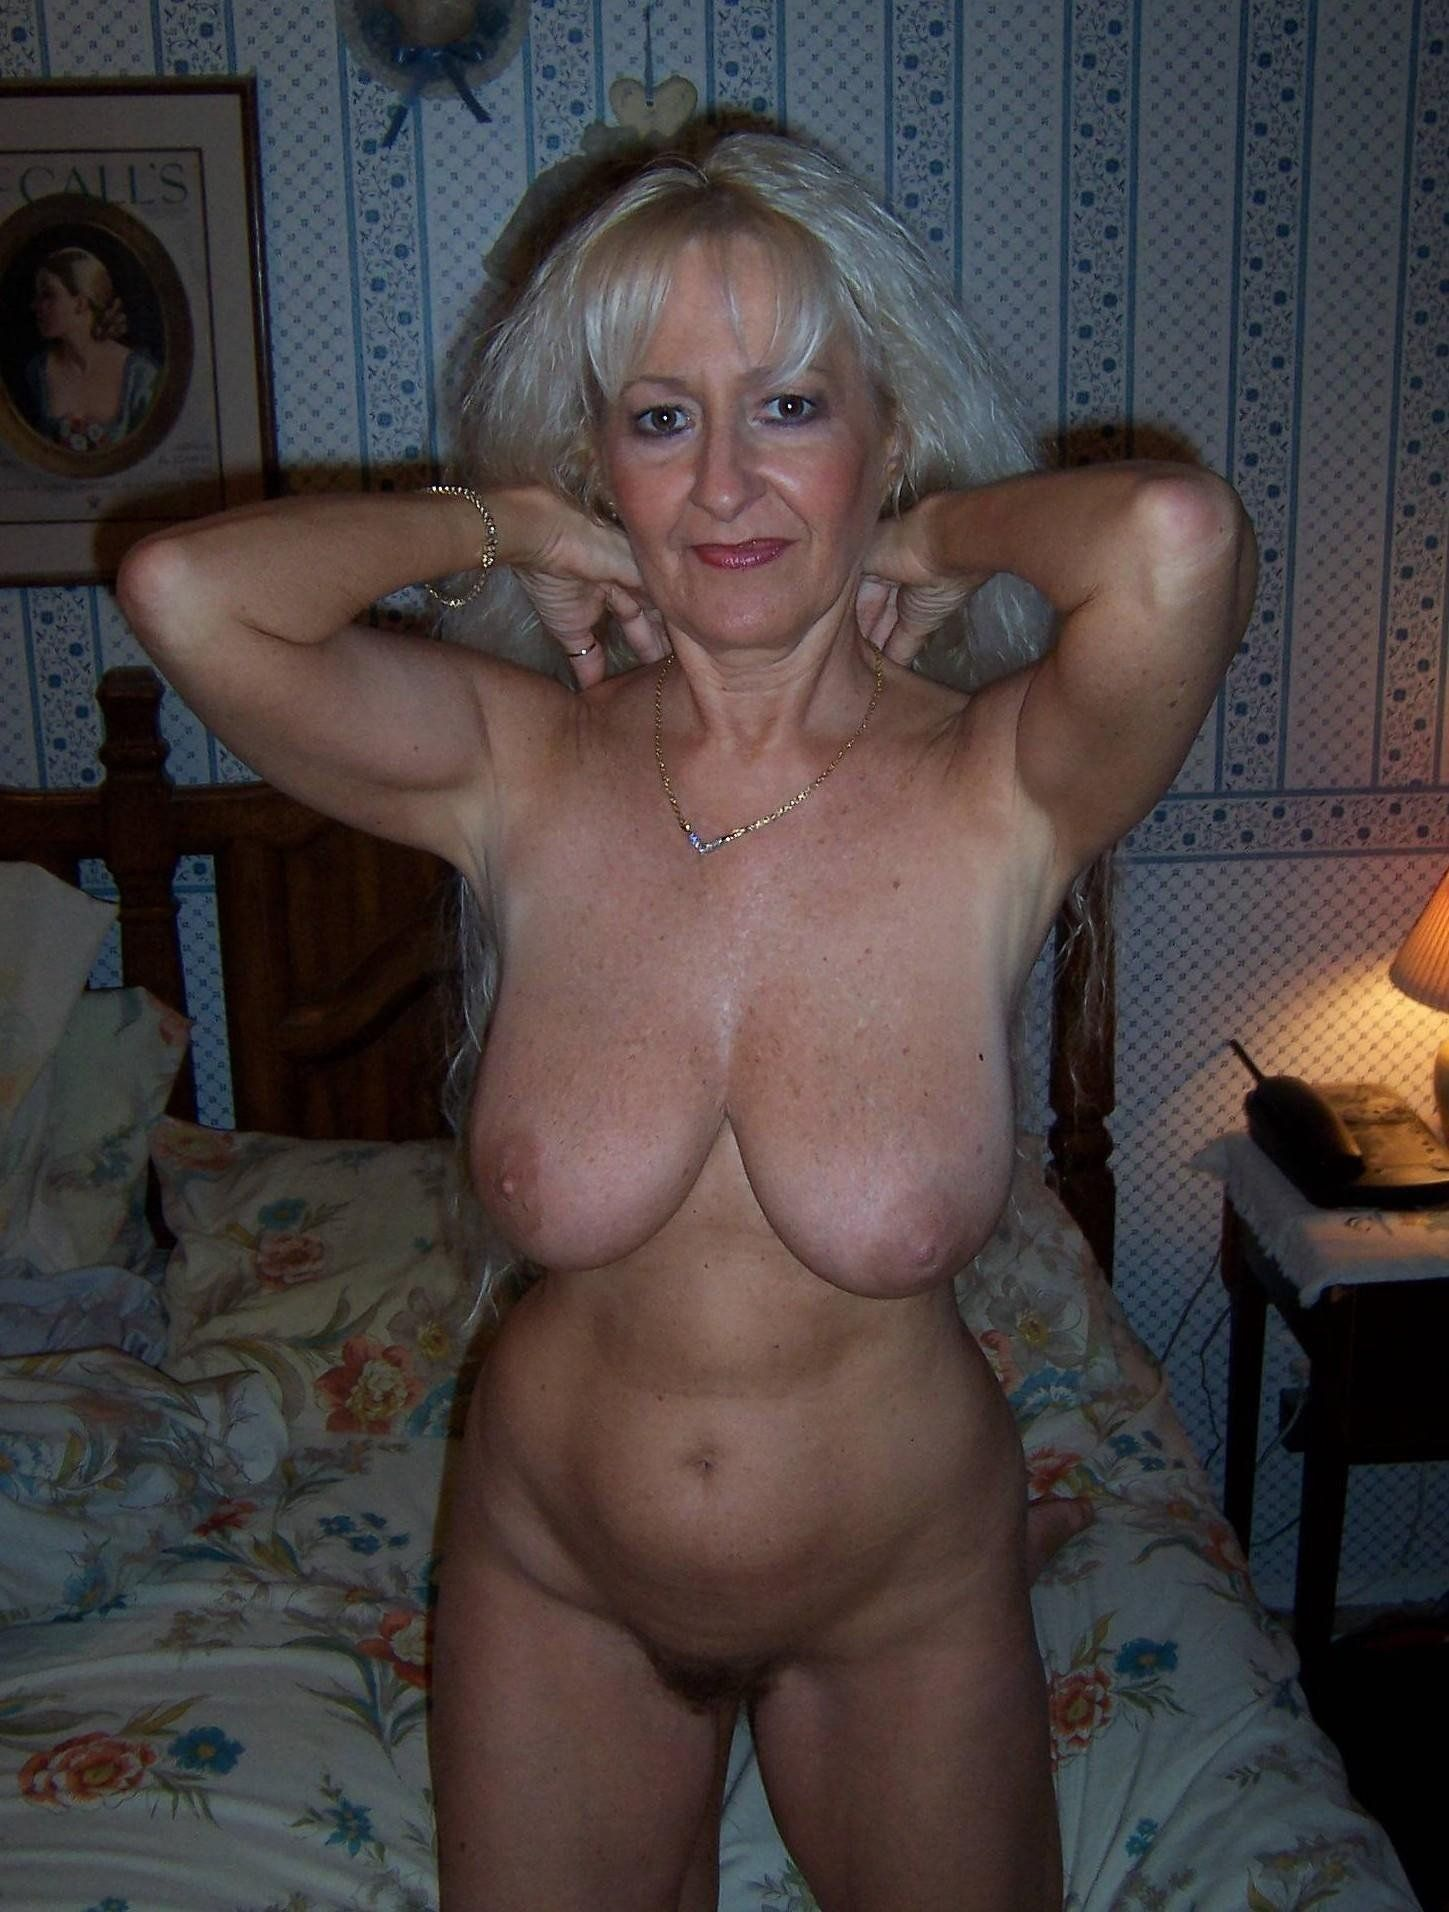 Amatur Porn mom p o r n hot full hd amatur - hot porno.